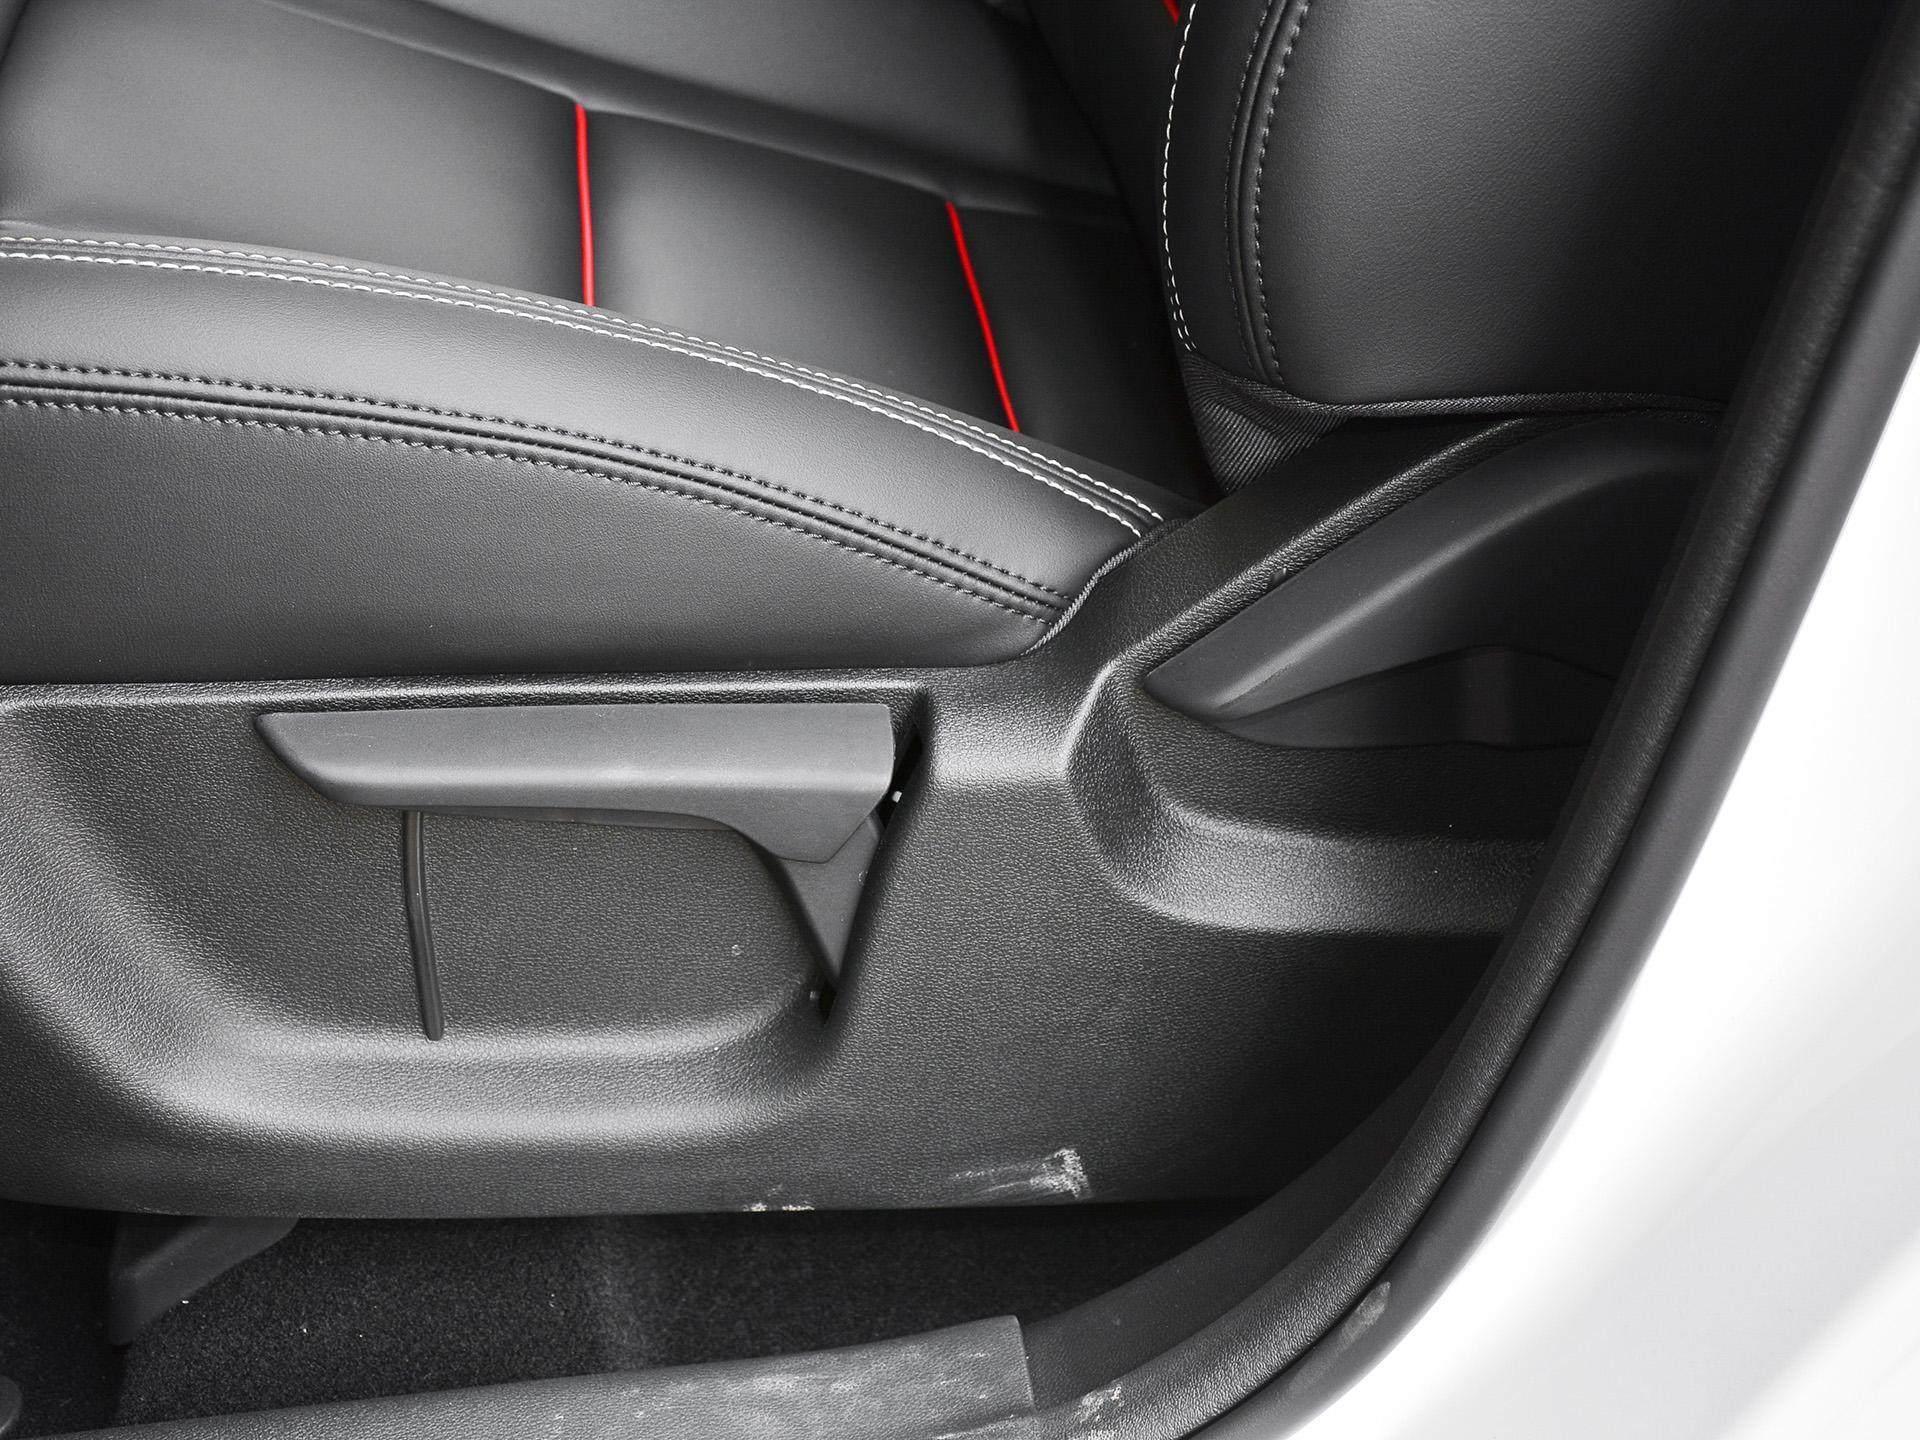 裸車10多萬入手這臺國產SUV,動力強空間大,油耗還可接受-圖5